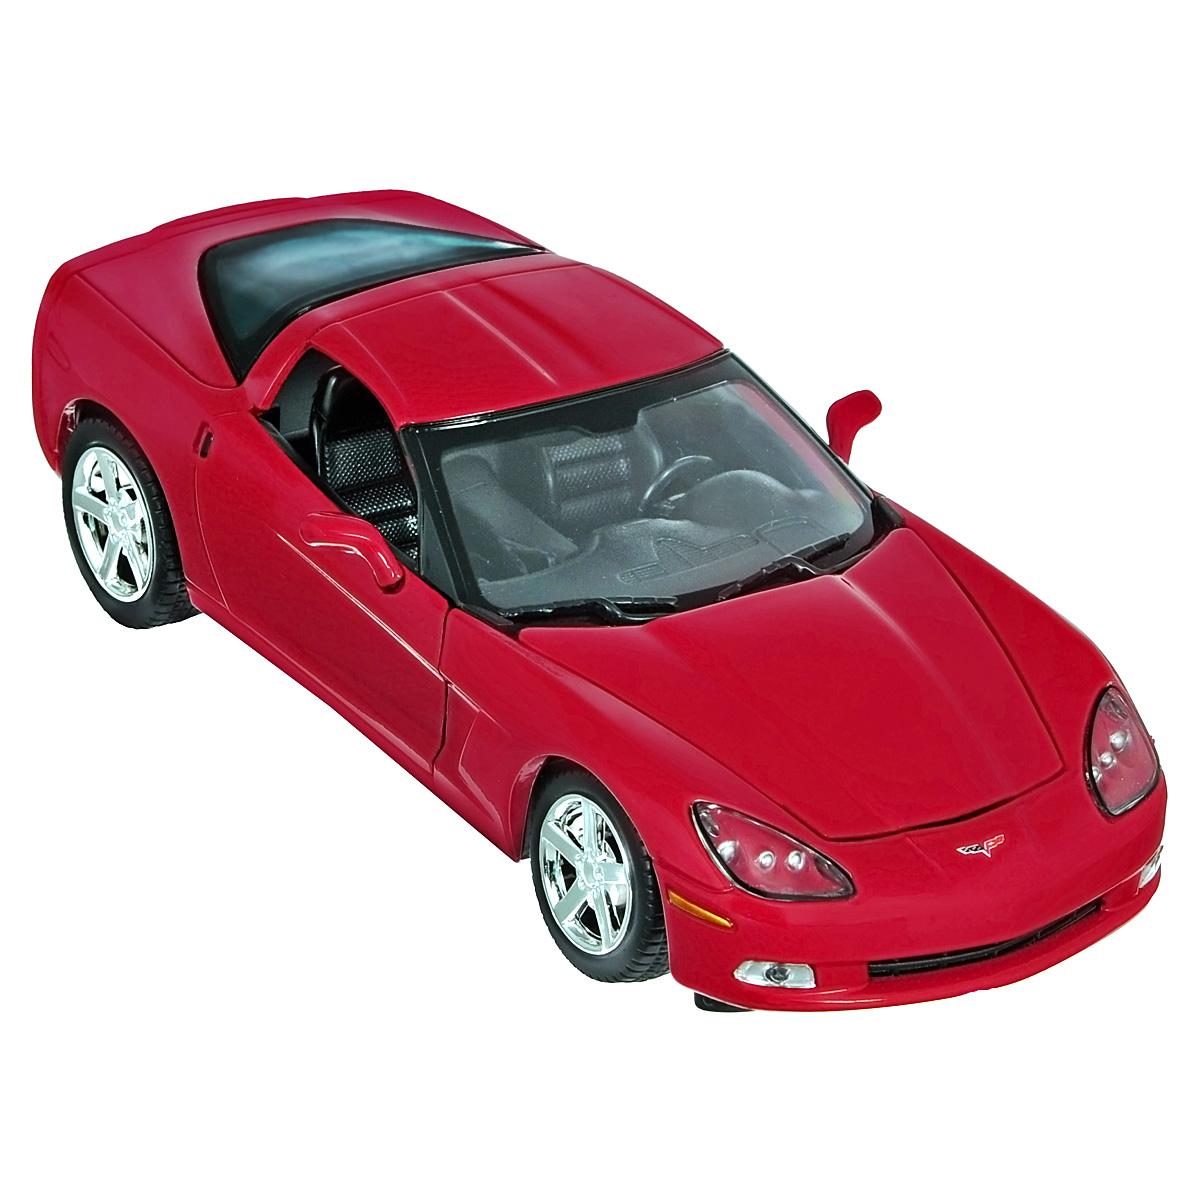 Коллекционная модель MotorMax 2005 Corvette C6, цвет: красный. Масштаб 1/24 motormax модель автомобиля corvette 1967 цвет черный